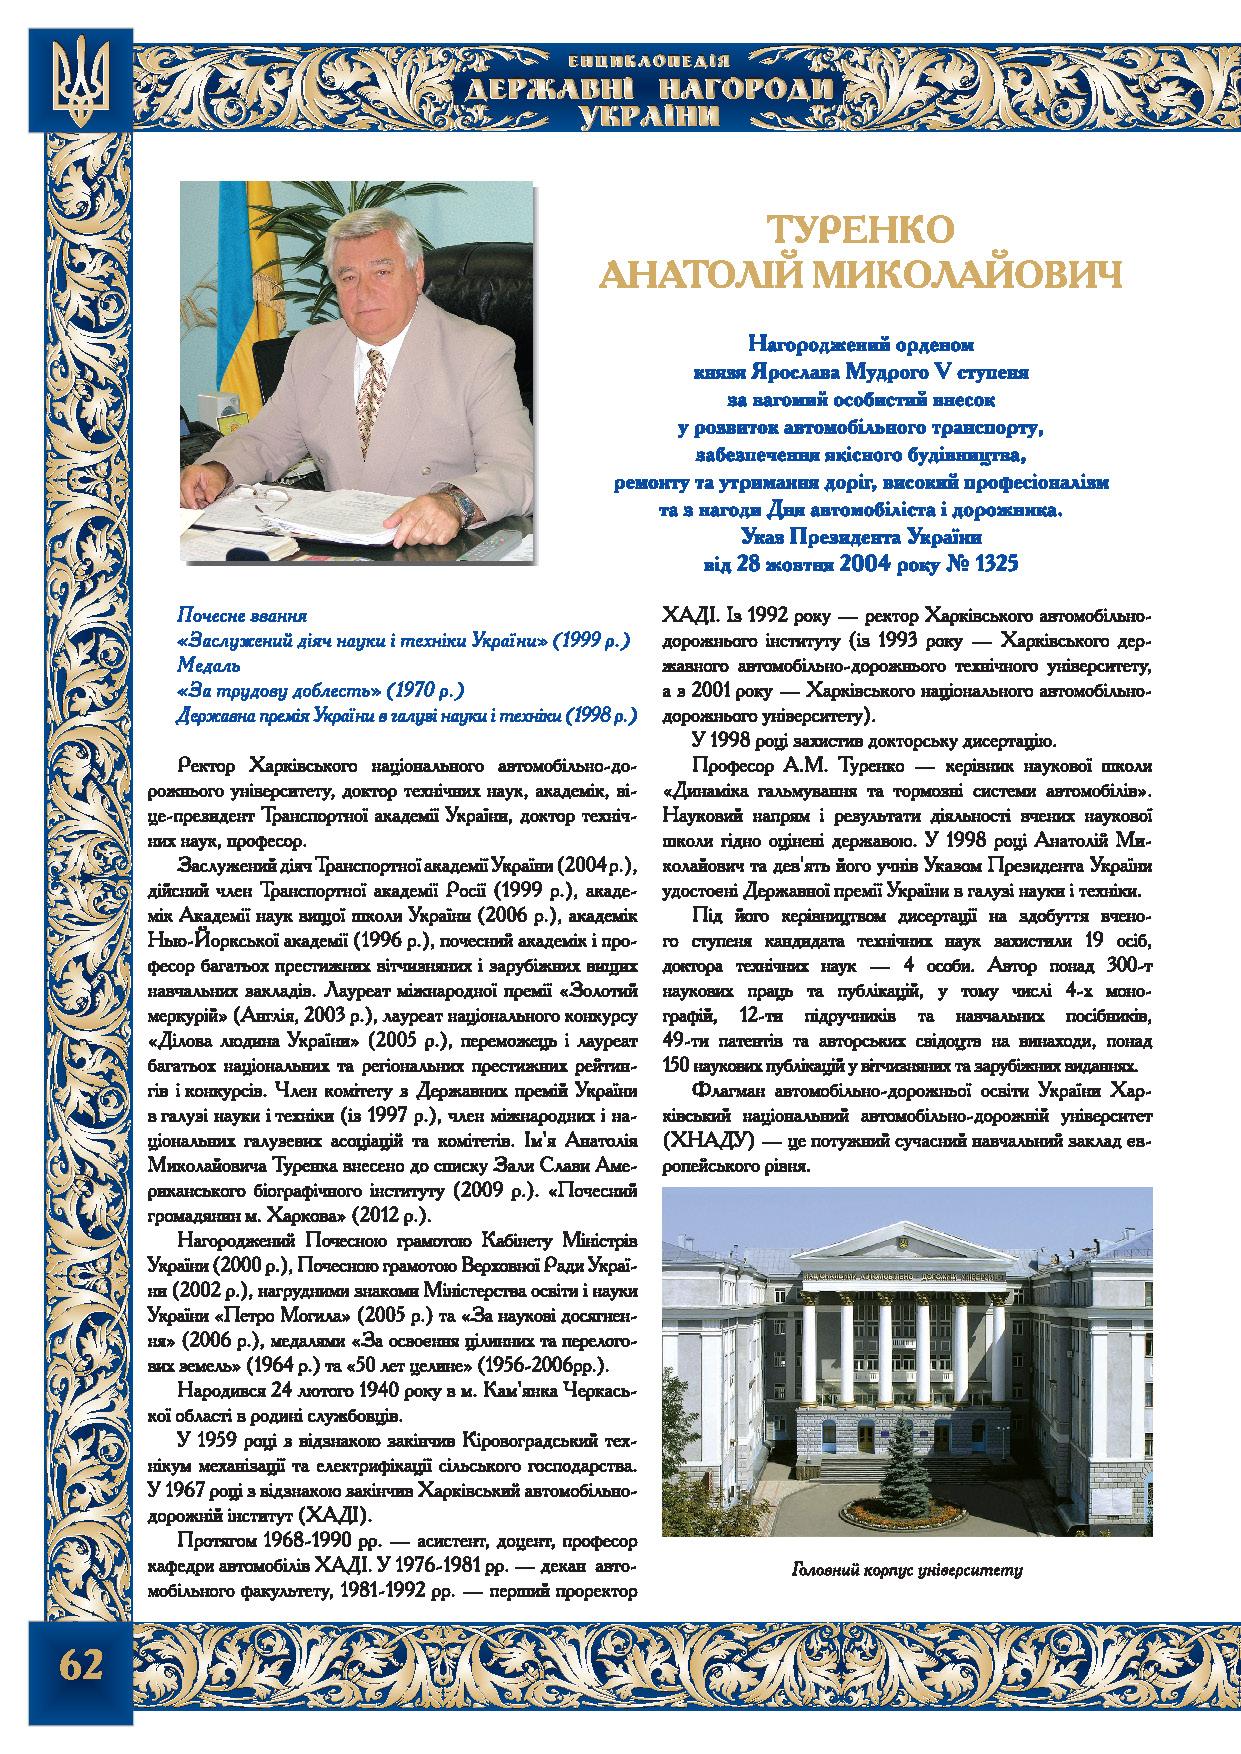 Туренко Анатолій Миколайович